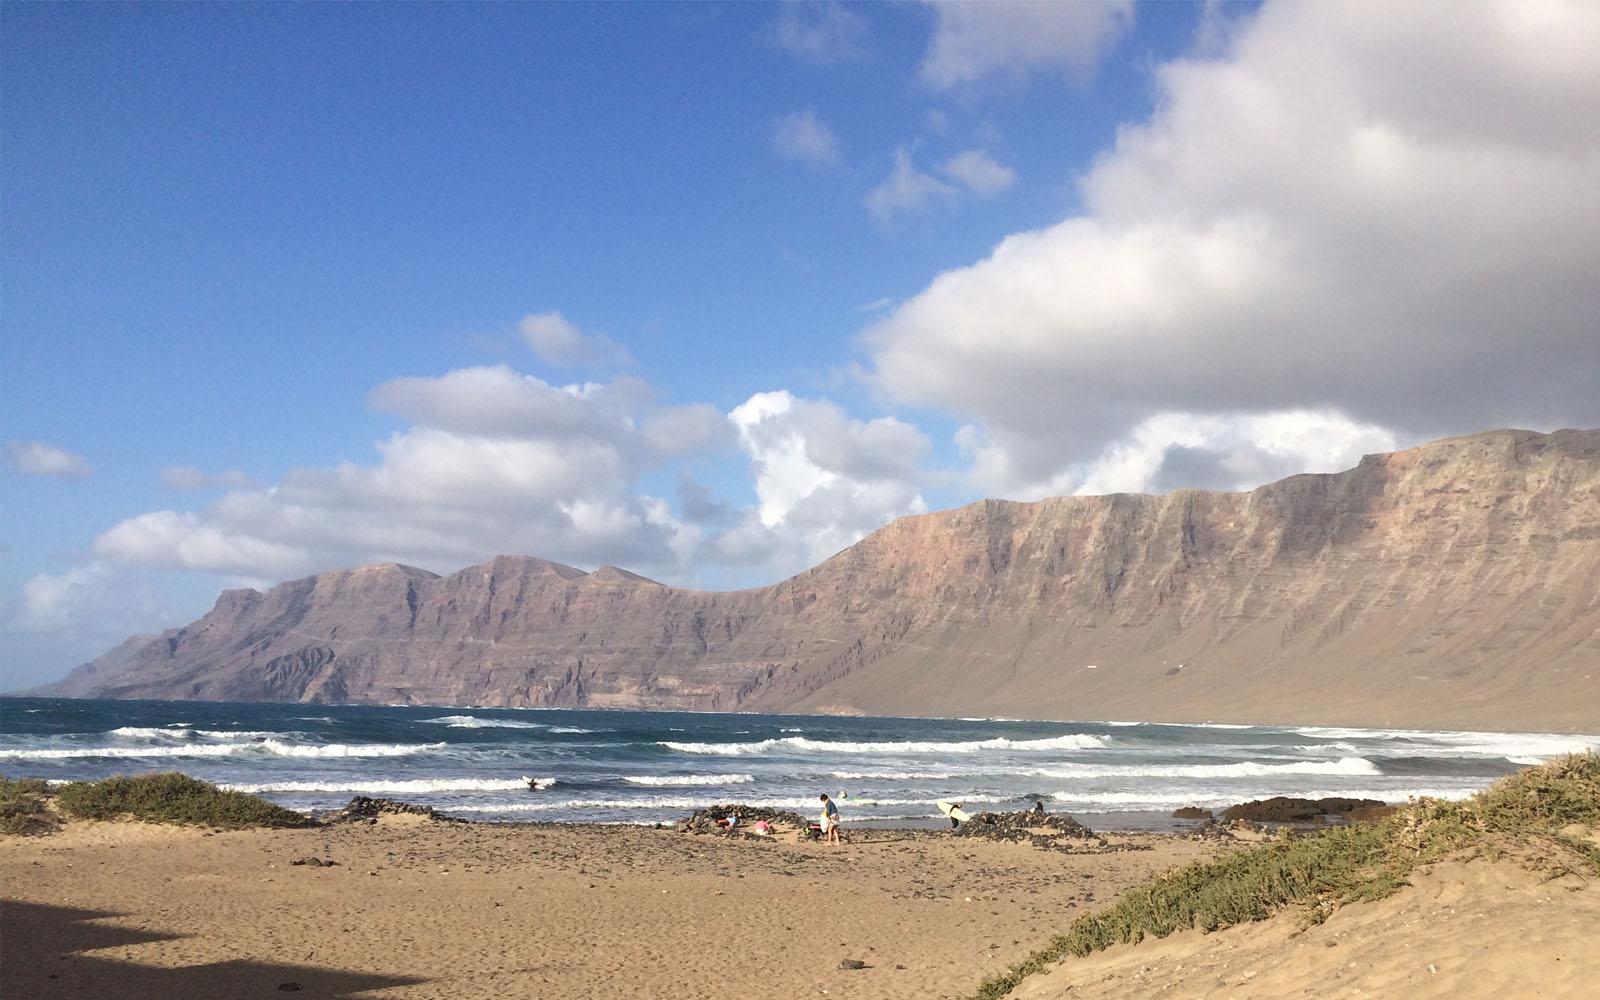 La spiaggia de la Caleta de Famara, ideale per fare surf.